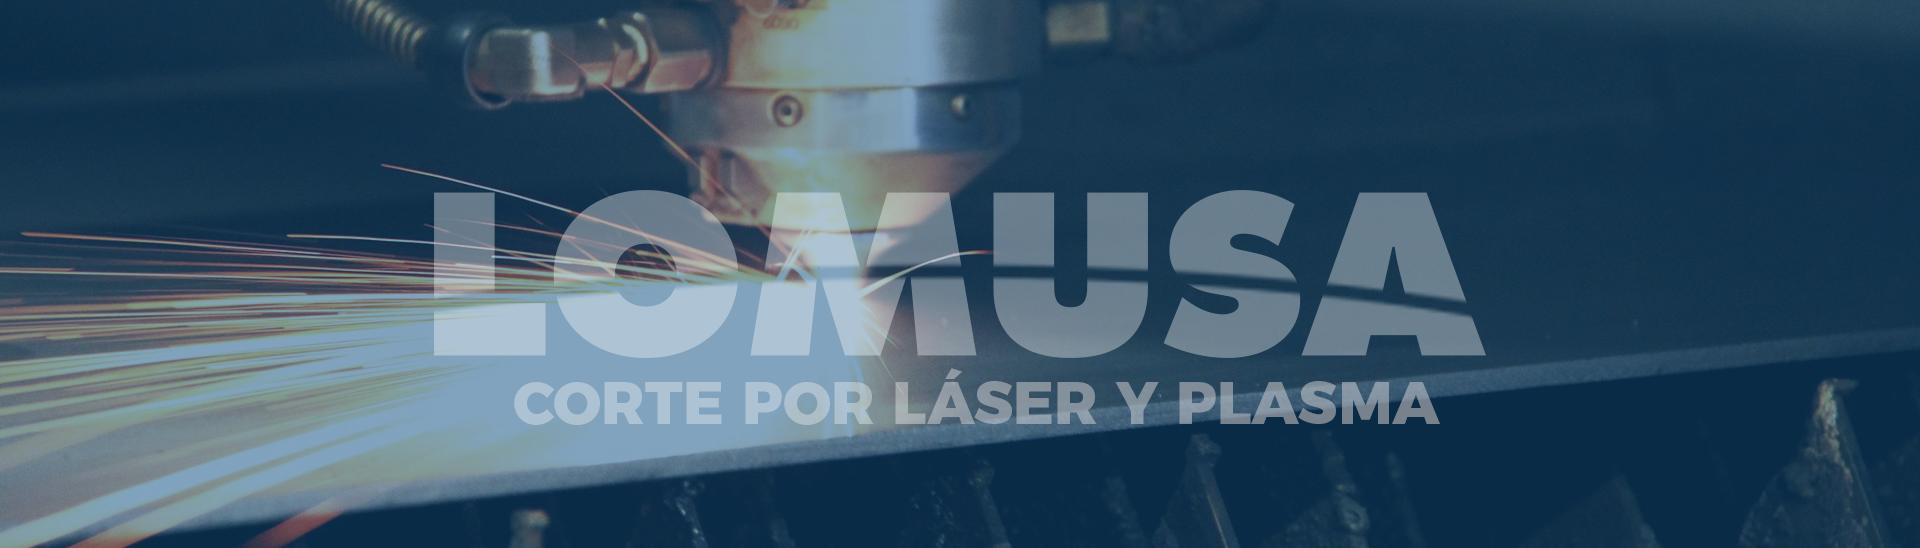 Lomusa. Fabricante de maquinaria para el corte y deformación de metales